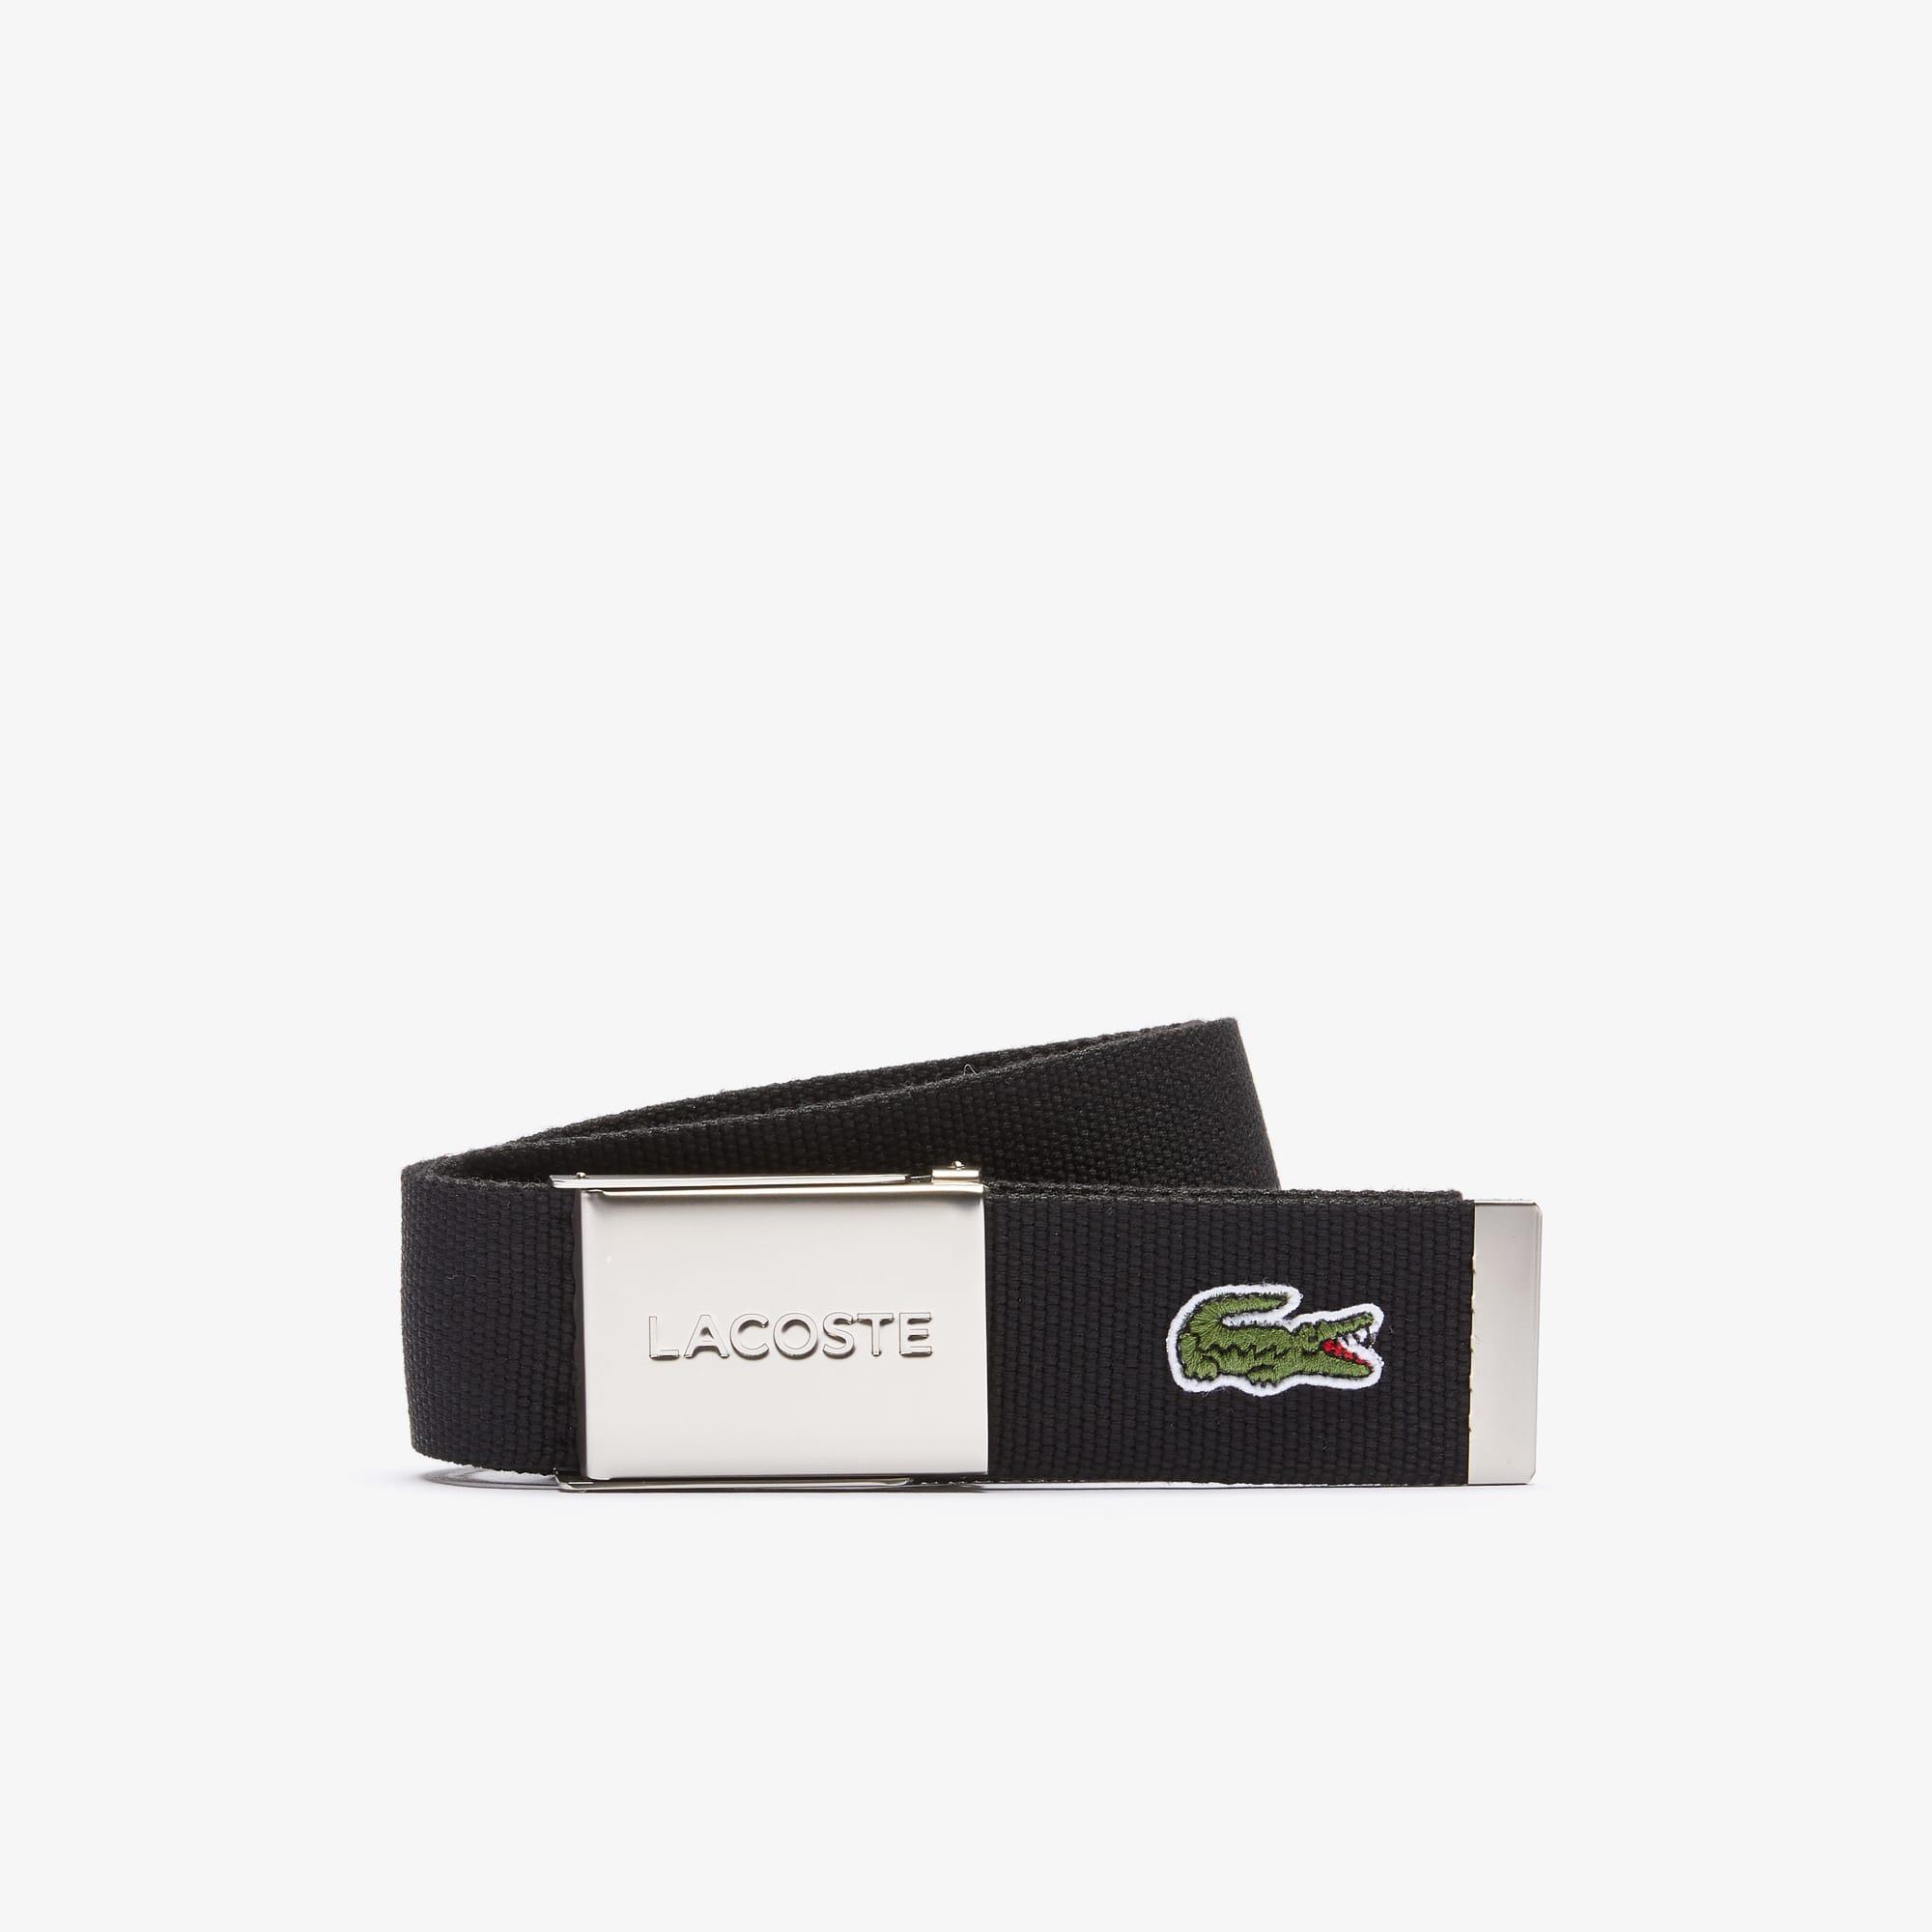 Men s Belts   Leather Goods   LACOSTE a2efc1e7287